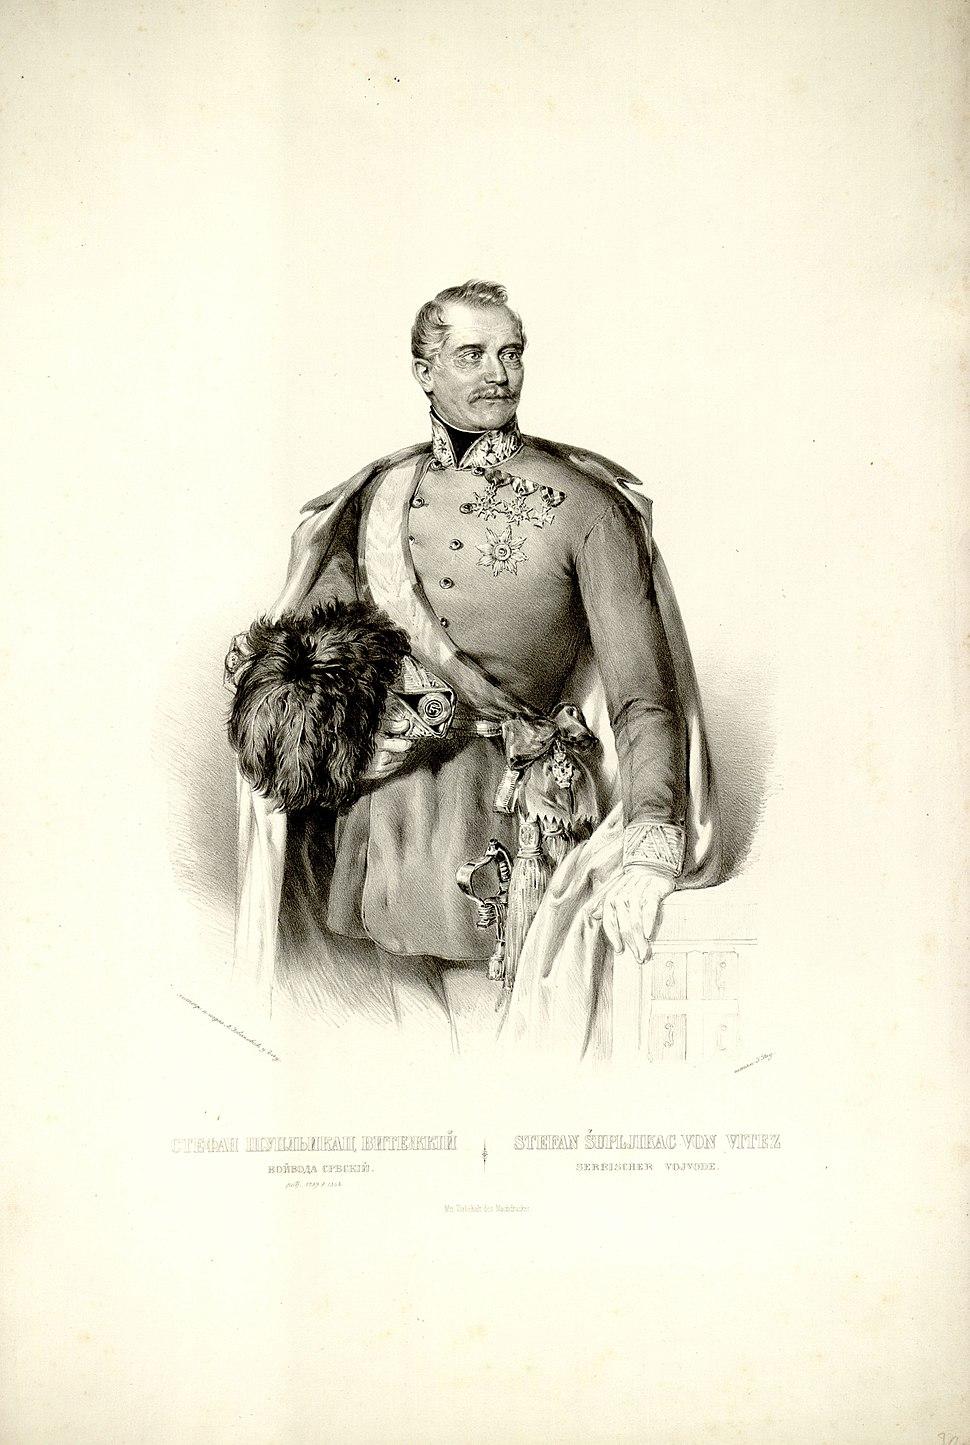 Stefan Supljikac